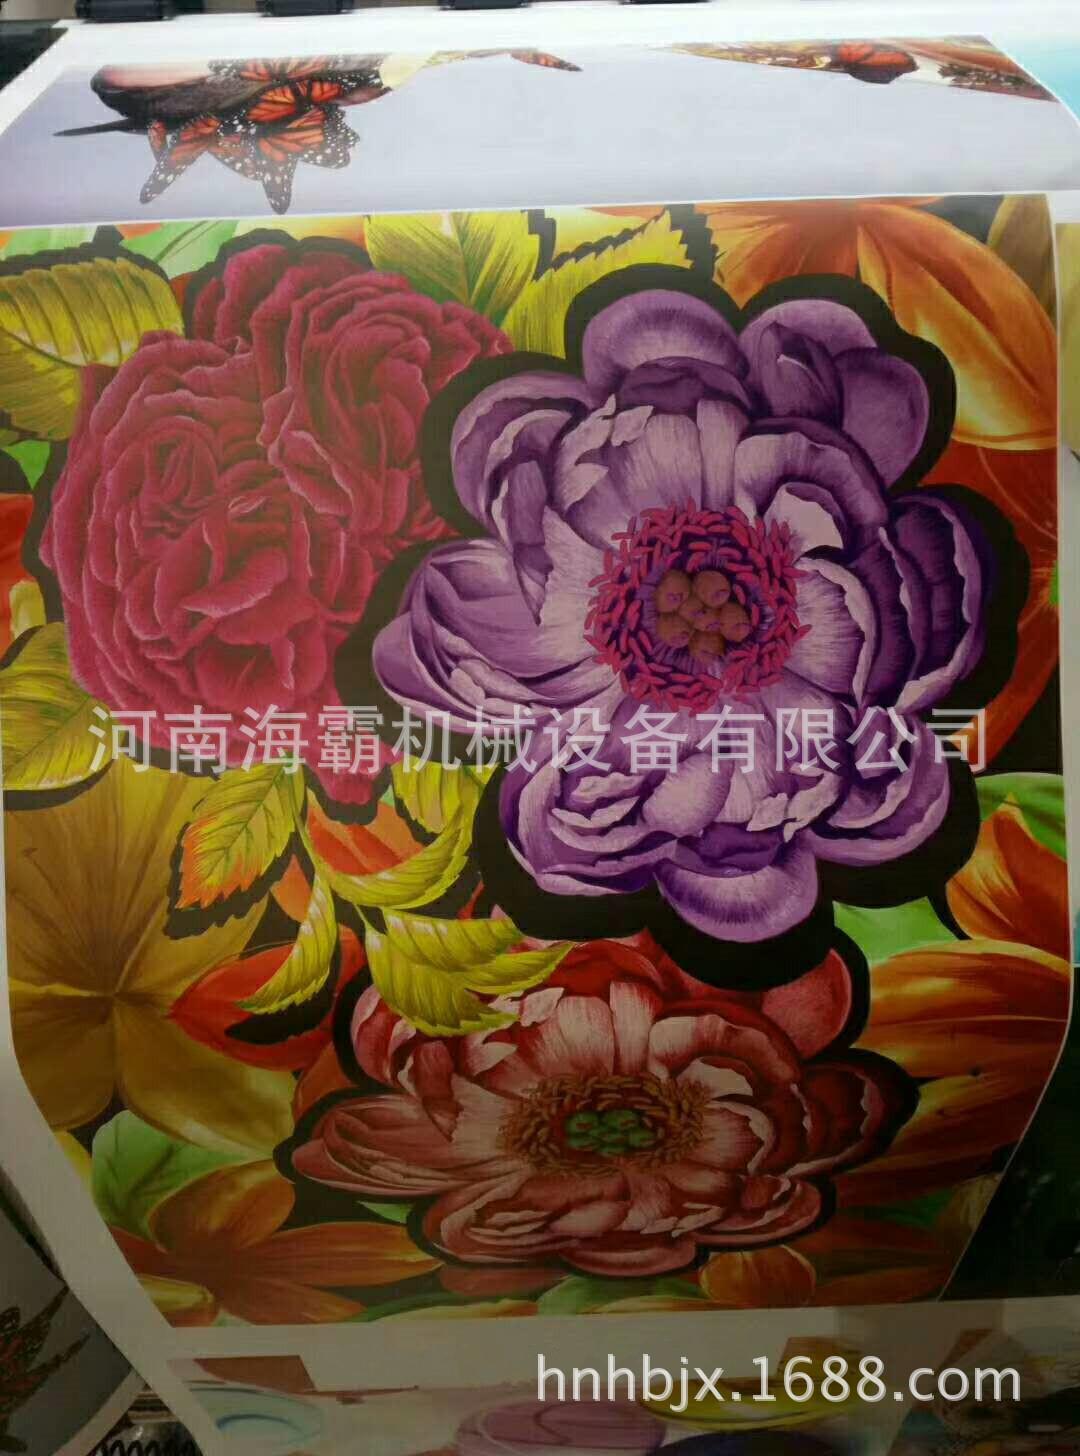 数码打印机_进口uv写真机数码热升华印花机3d数码卷材